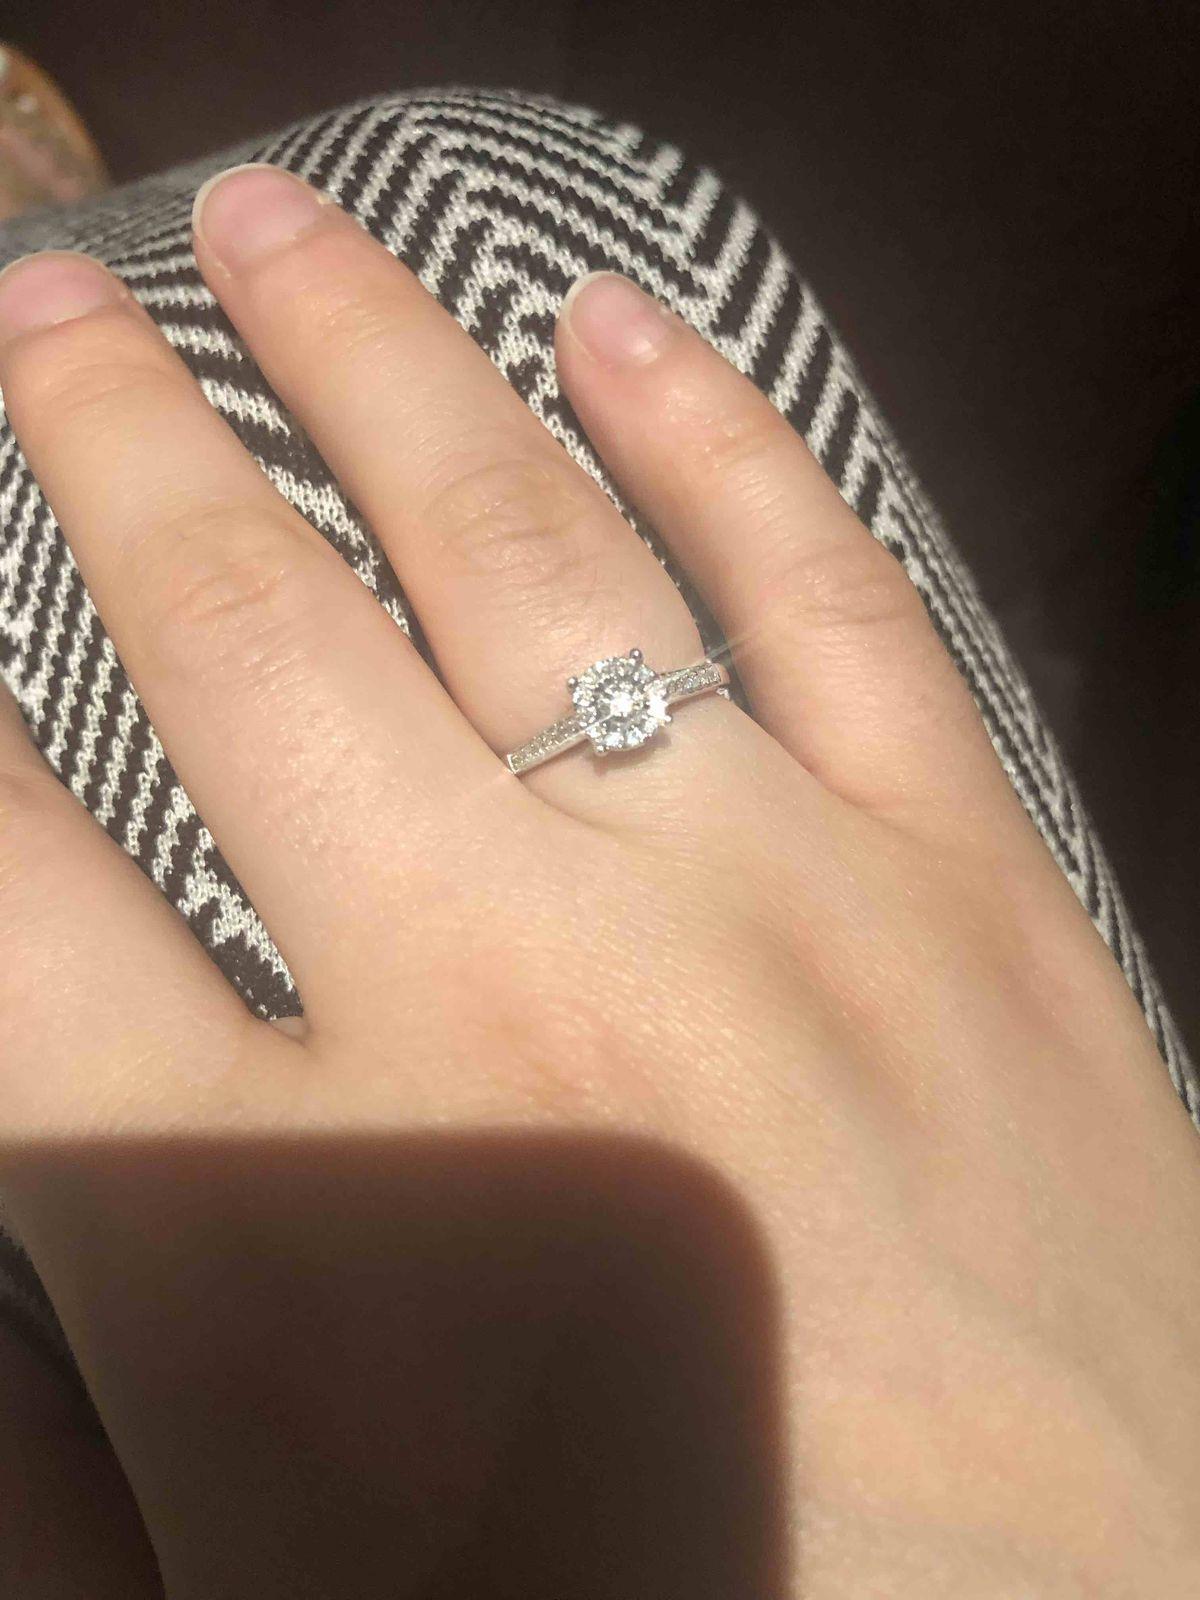 Как я покупал кольцо жене